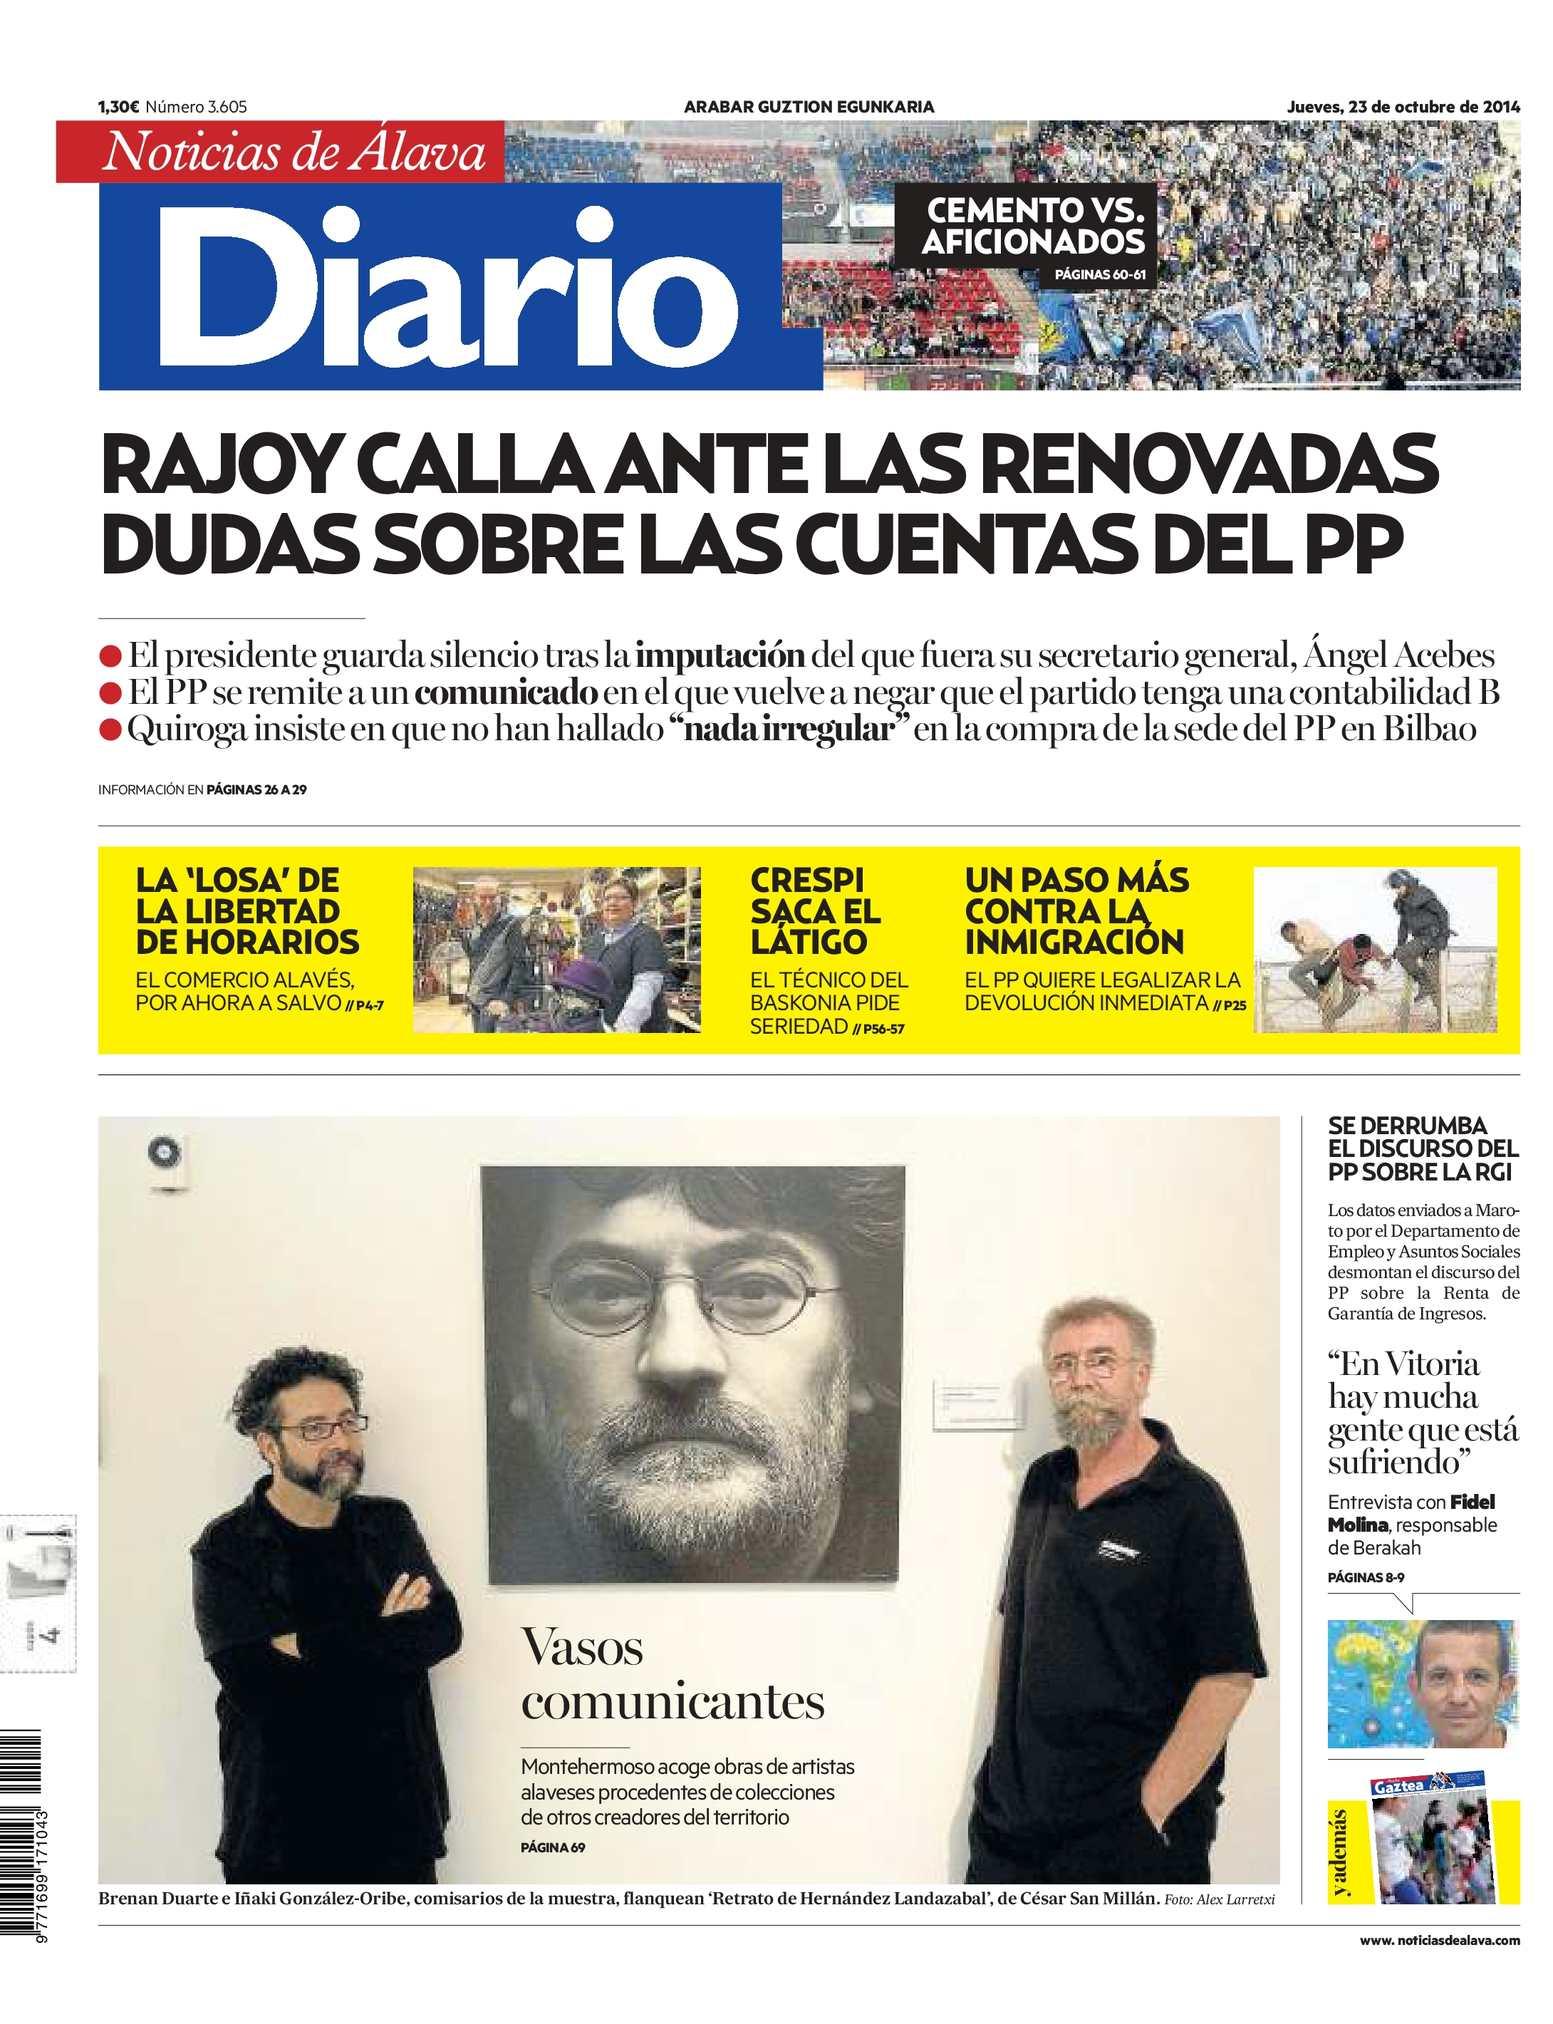 Calaméo - Diario de Noticias de Álava 20141023